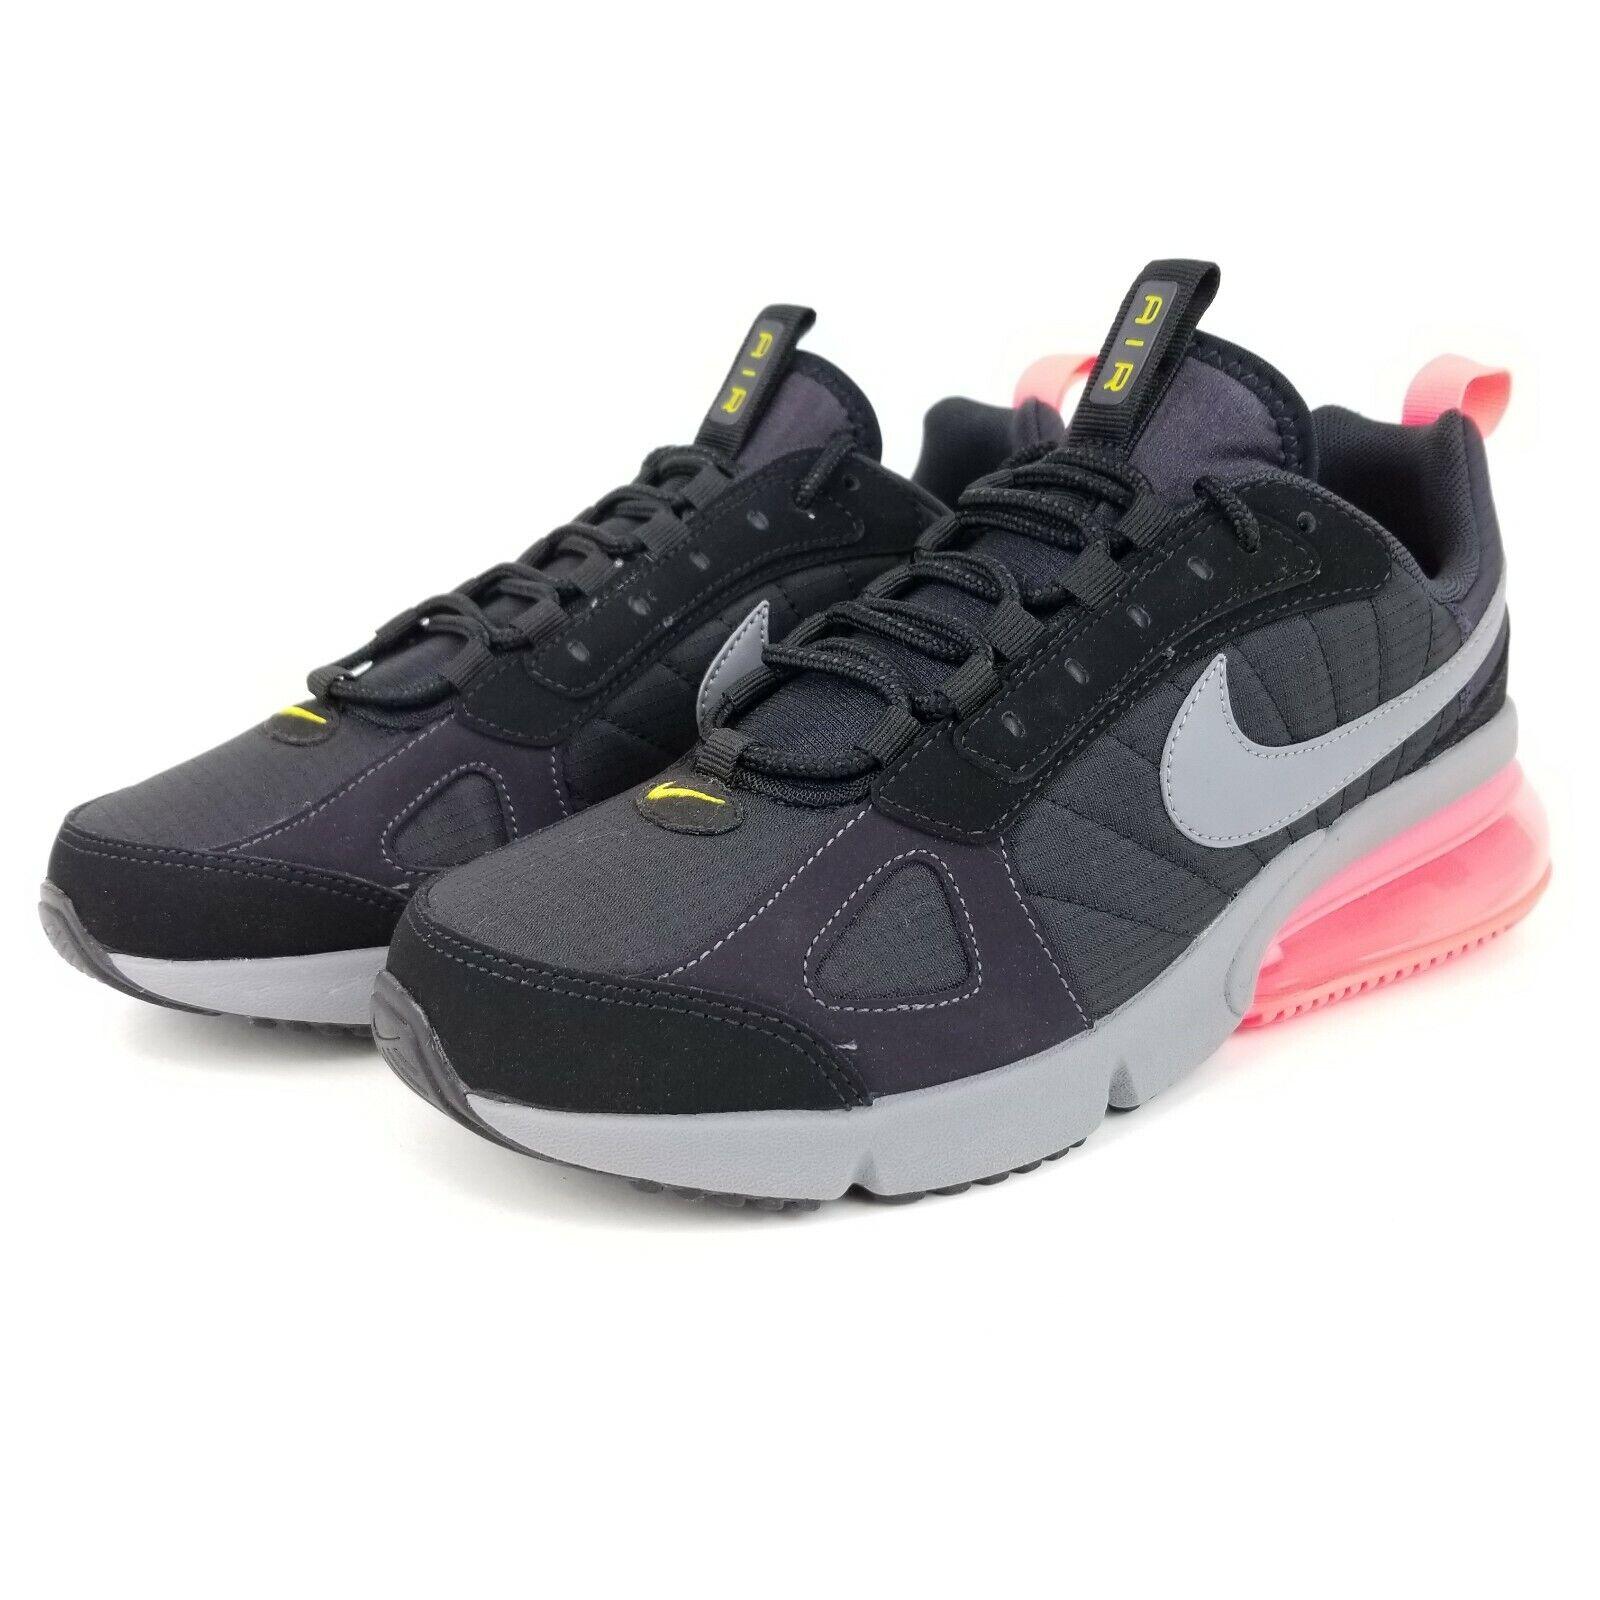 Nike Air Max 270 Futura Mens Running Shoes Black Grey Pink